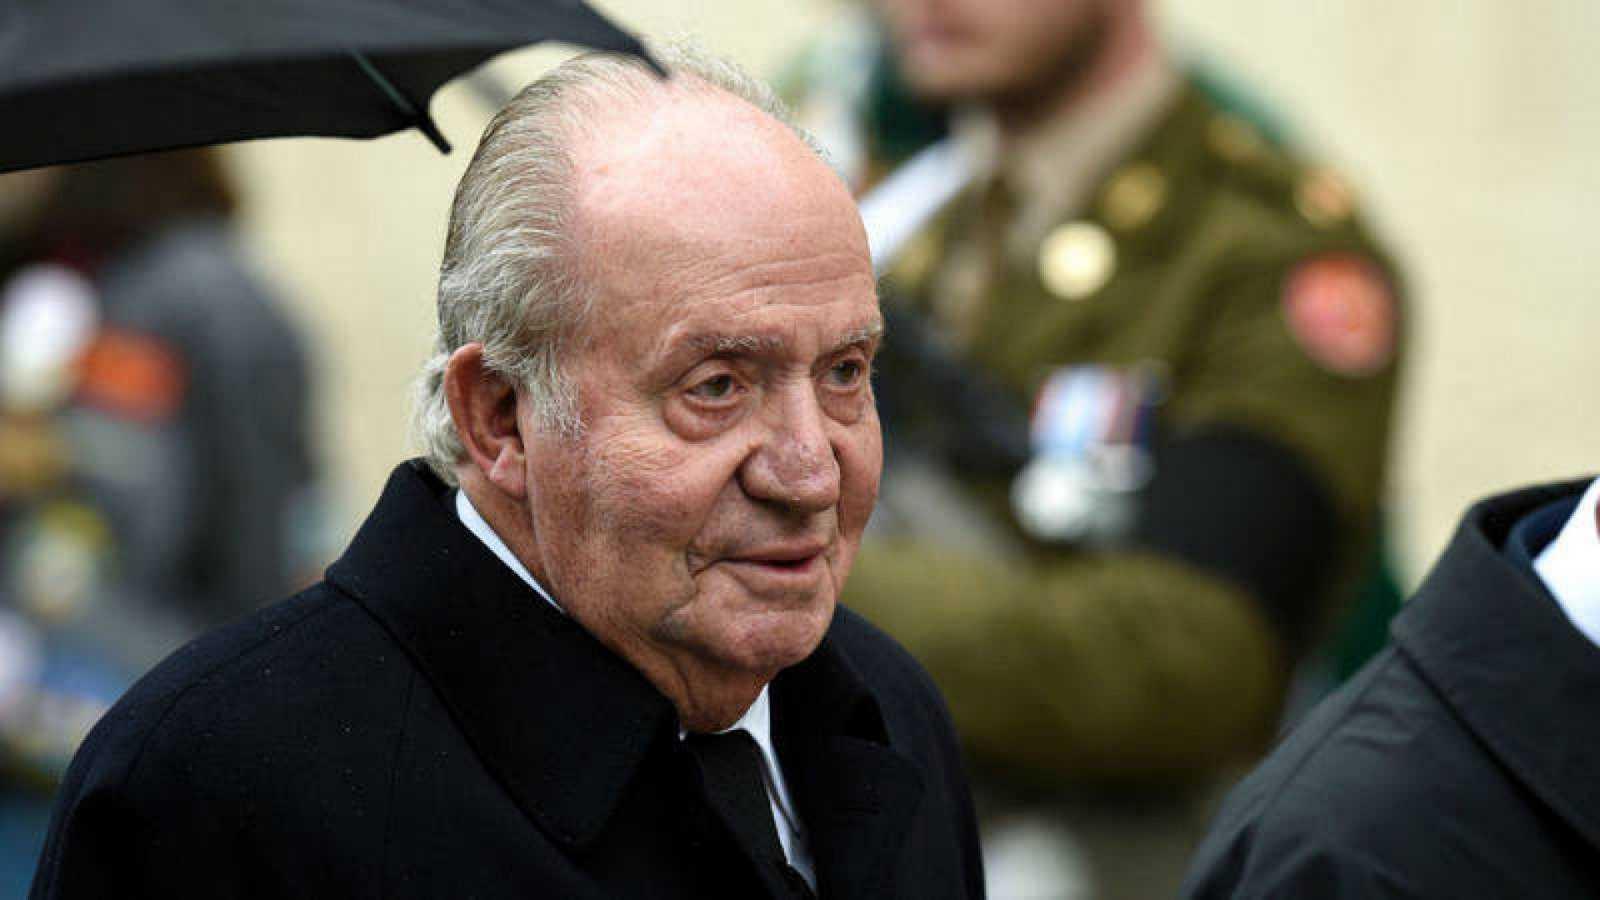 Boletines RNE - Juan Carlos I paga a Hacienda más de cuatro millones de euros en una segunda regularización - Escuchar ahora